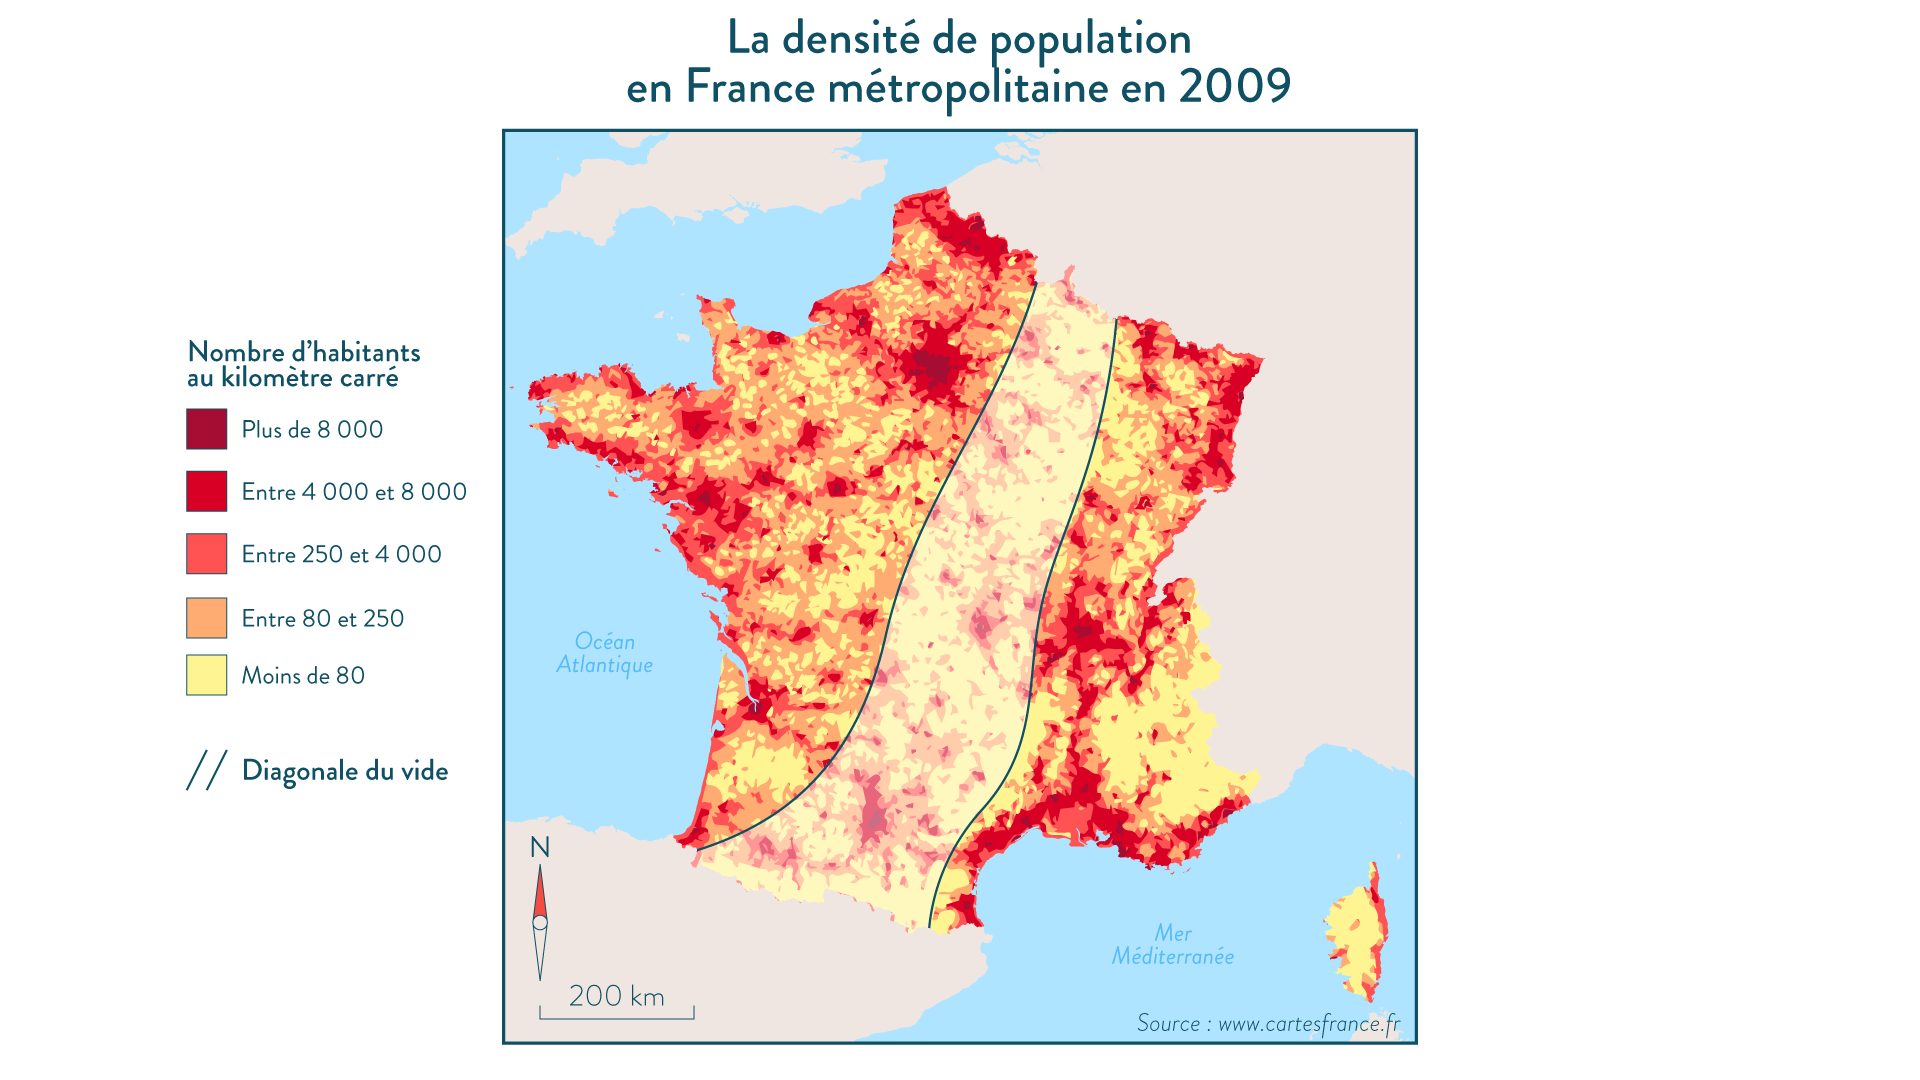 La densité de population en France métropolitaine